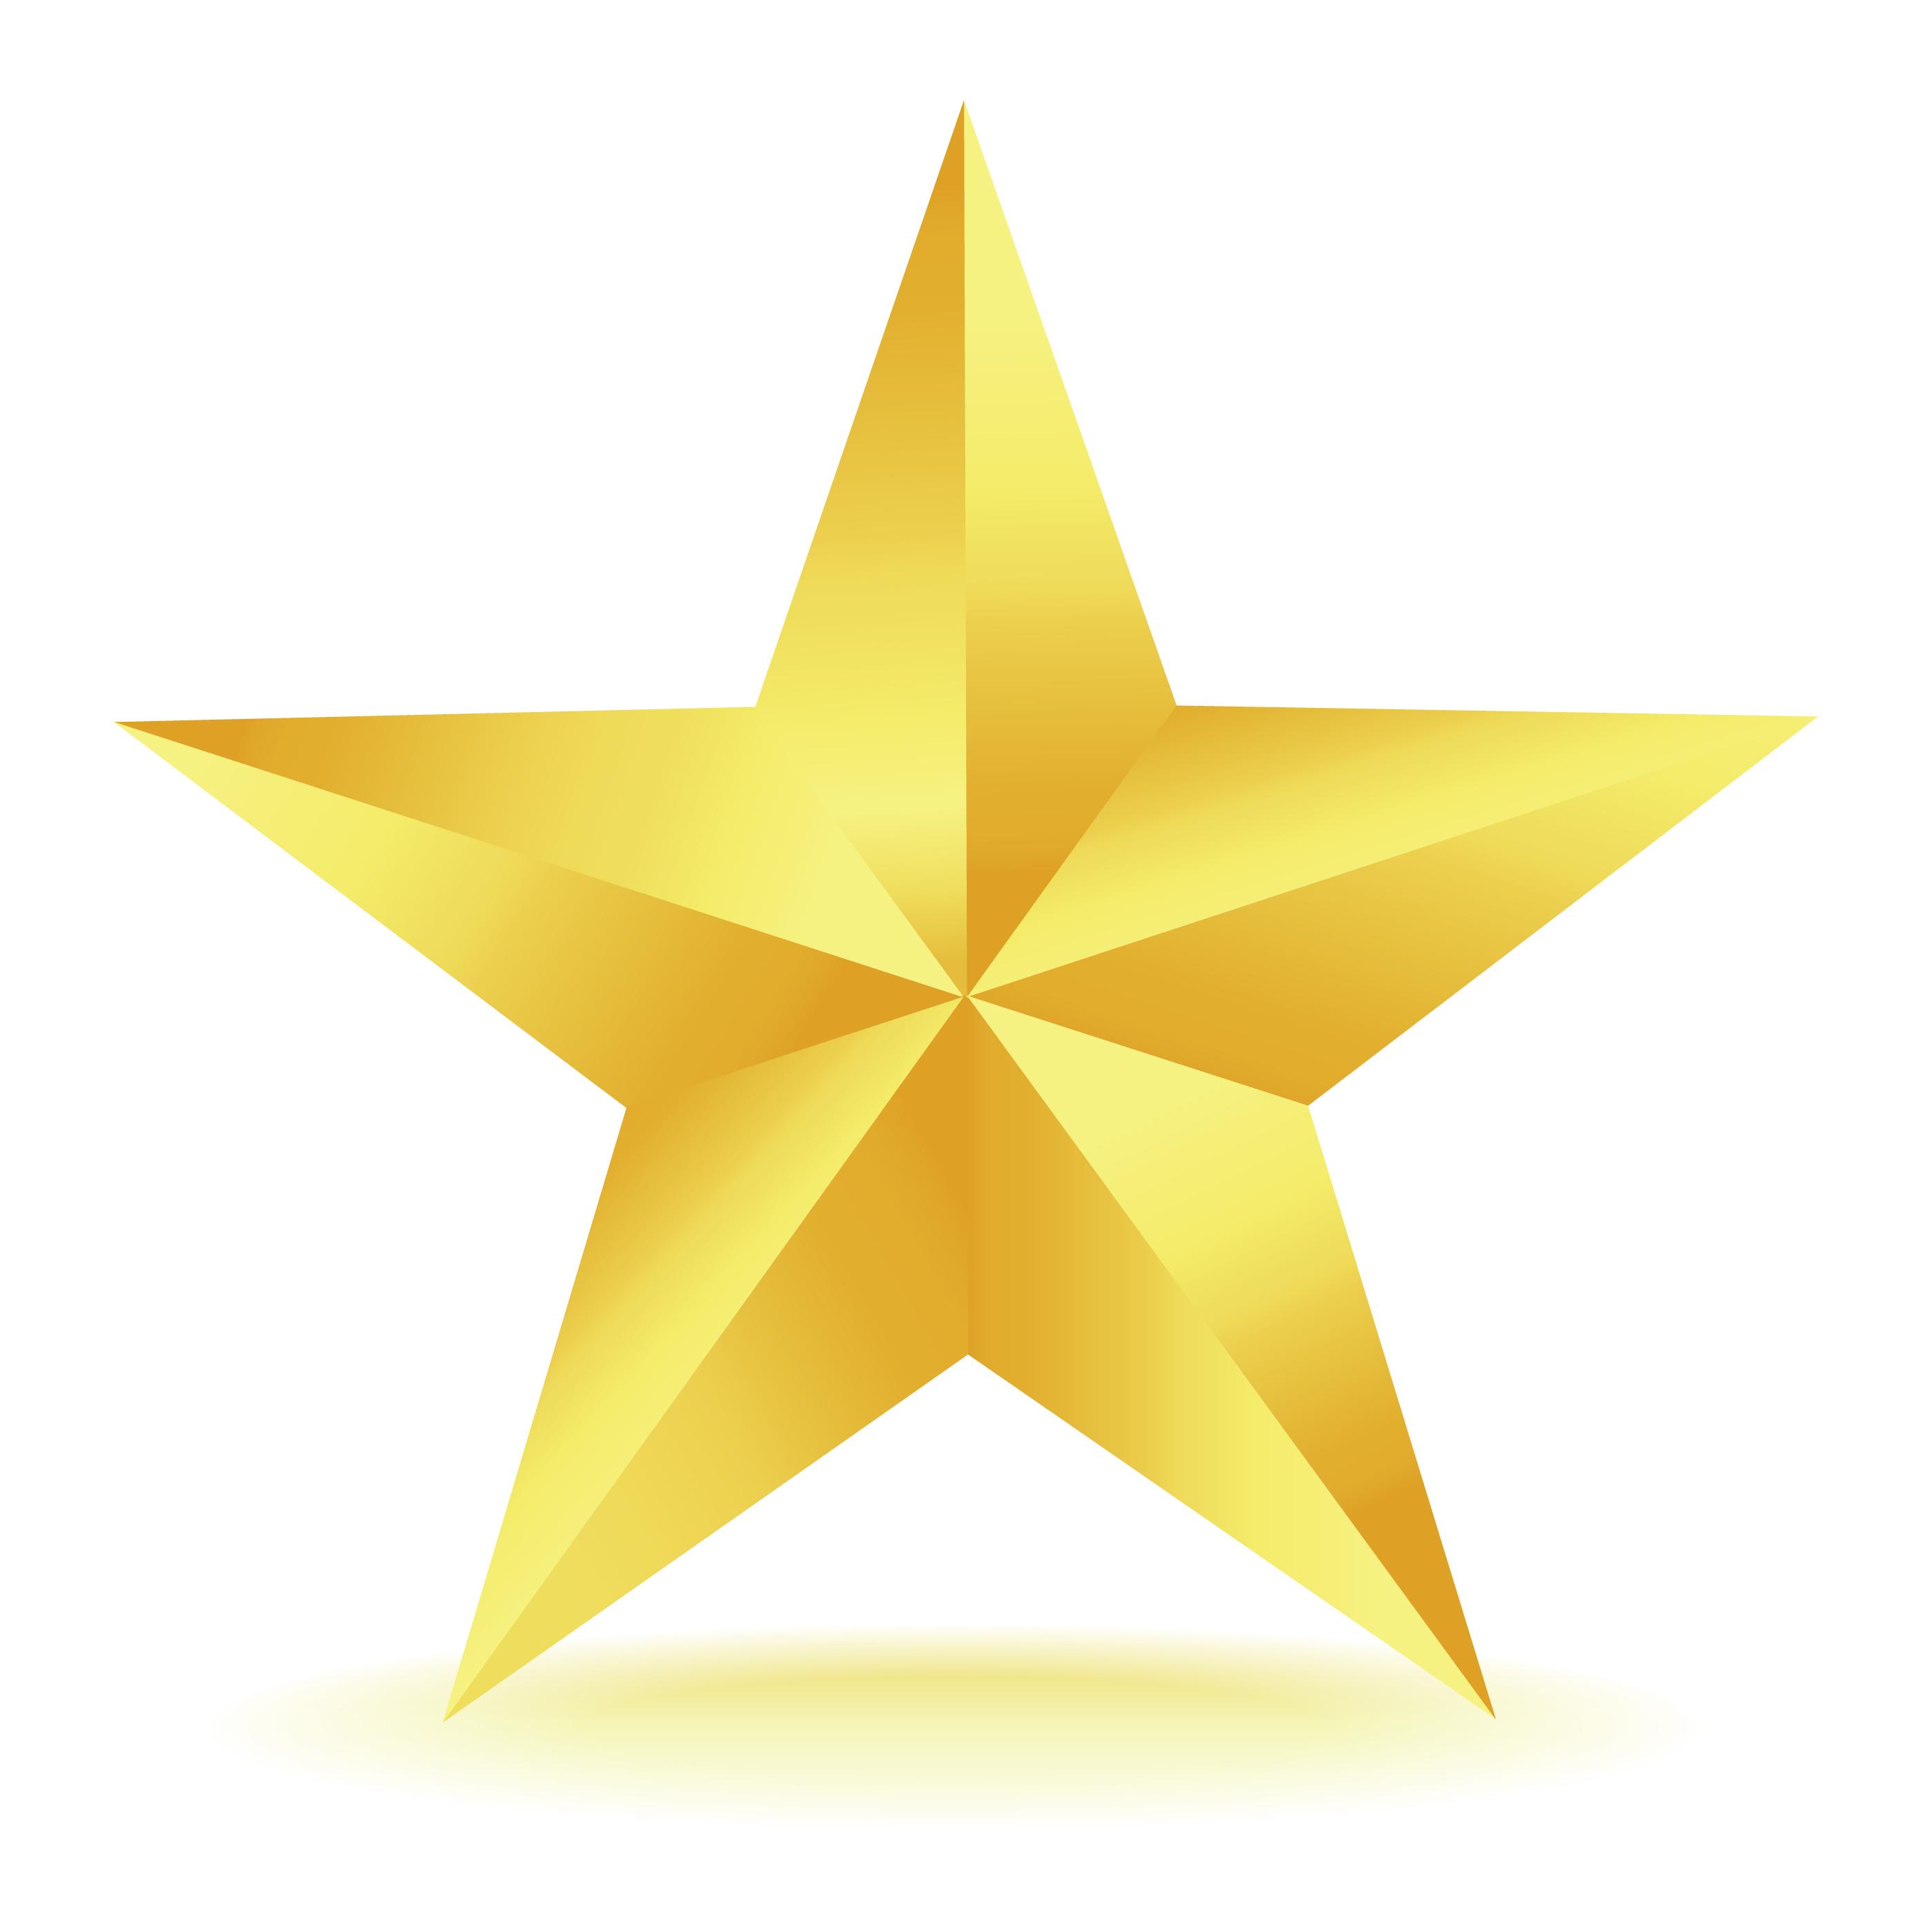 2800x2800 Christmas Star Image Christmas Tree Star Clipart Image